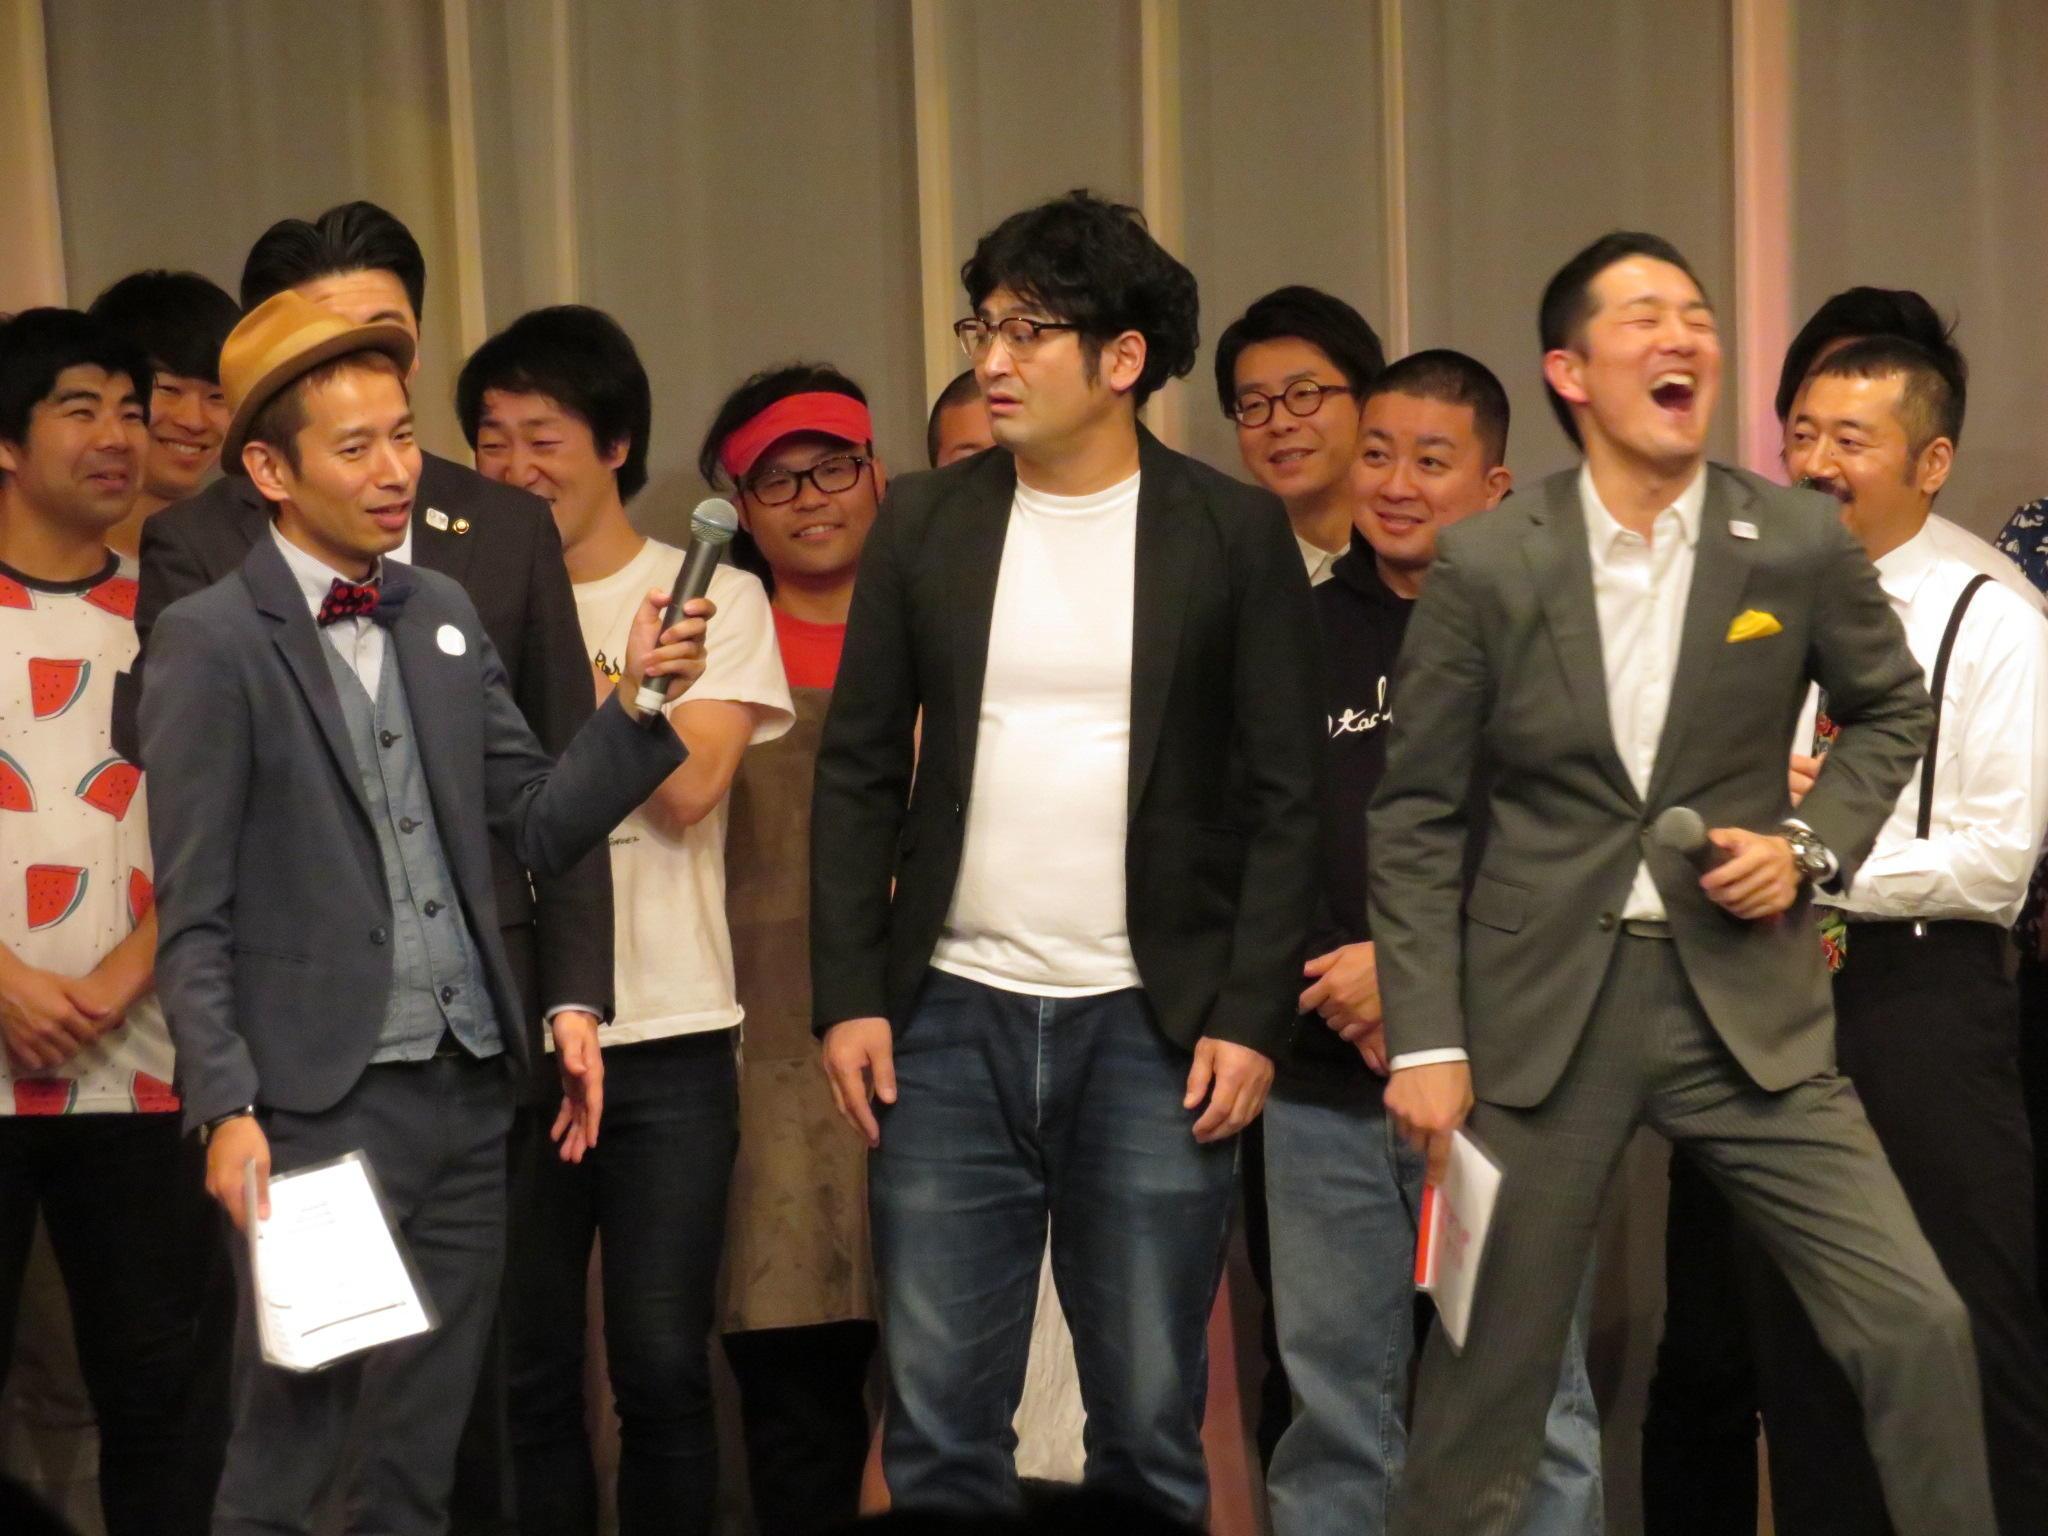 http://news.yoshimoto.co.jp/20180110191506-fbc56f5ce9bca8d86c70e35a2ebd1ce81e7903f1.jpg